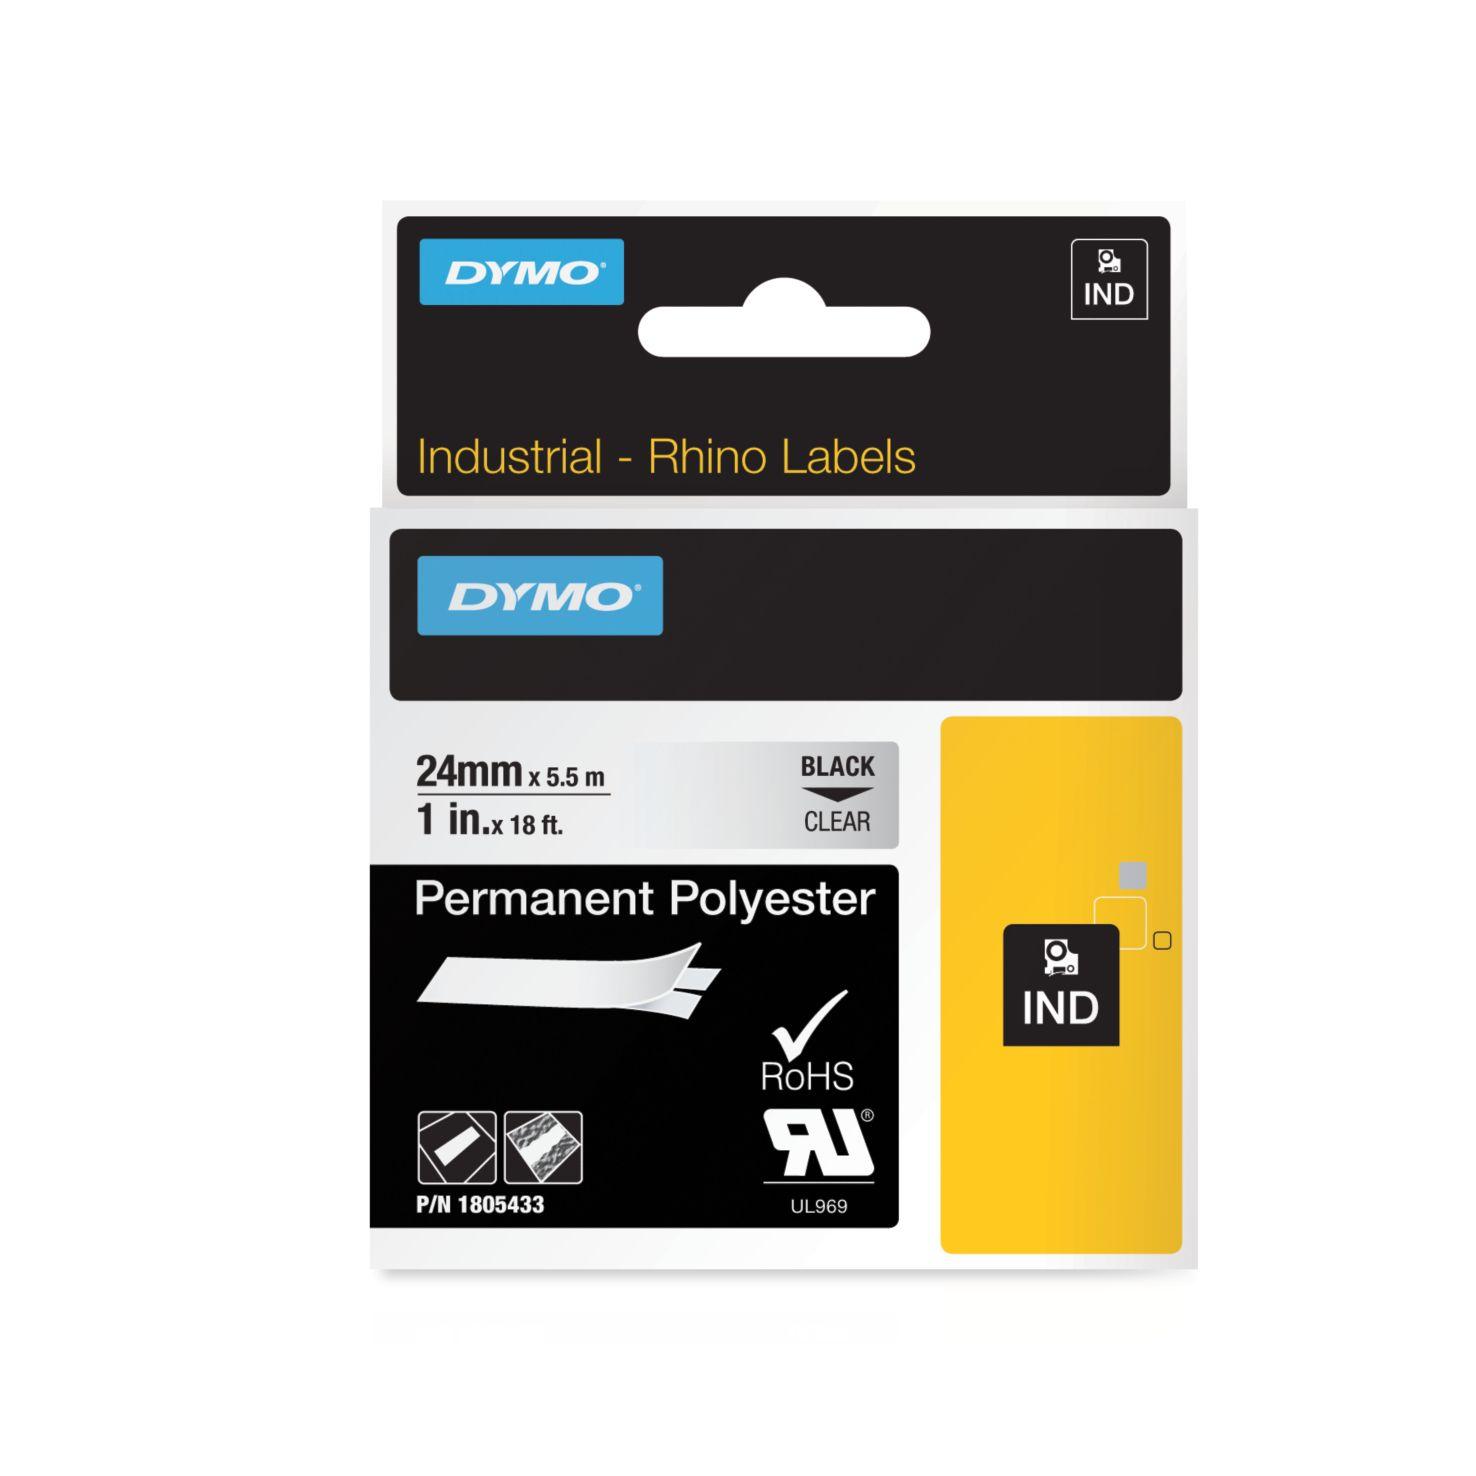 Dymo Rhino-Schriftband Polyester 24mm x 5,5m schwarz auf transparent